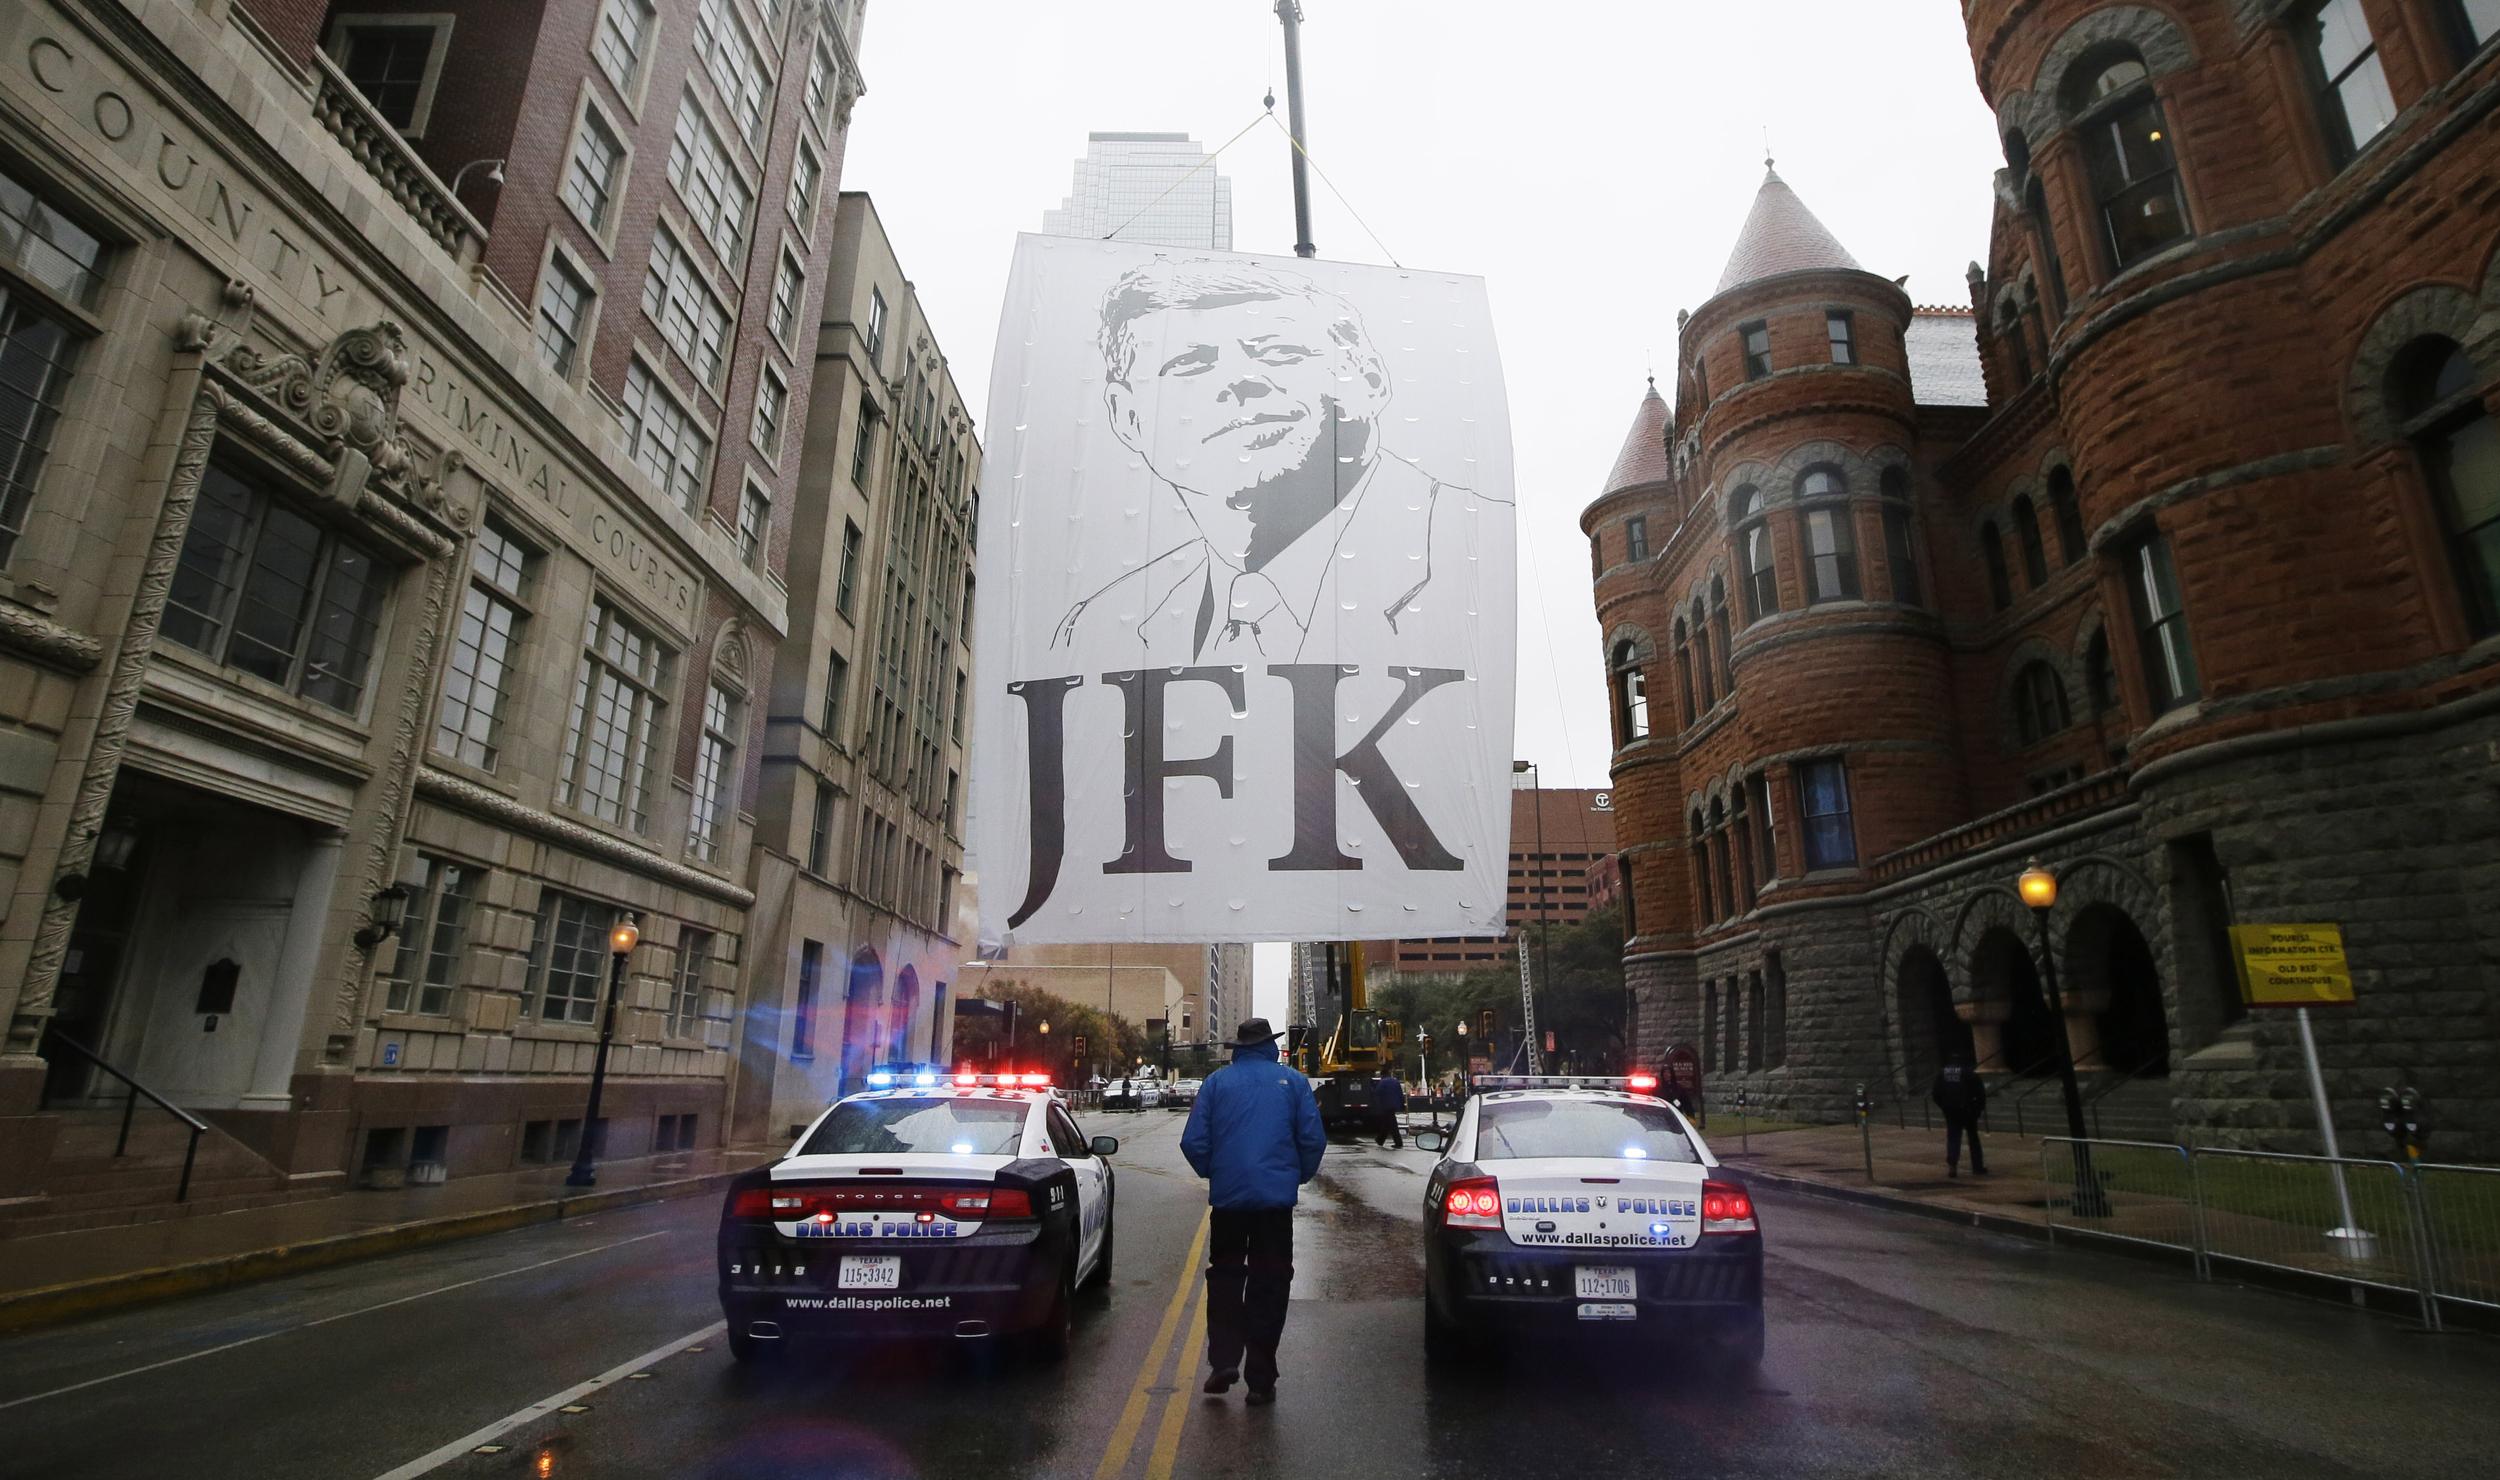 jfk-banner-9.jpg